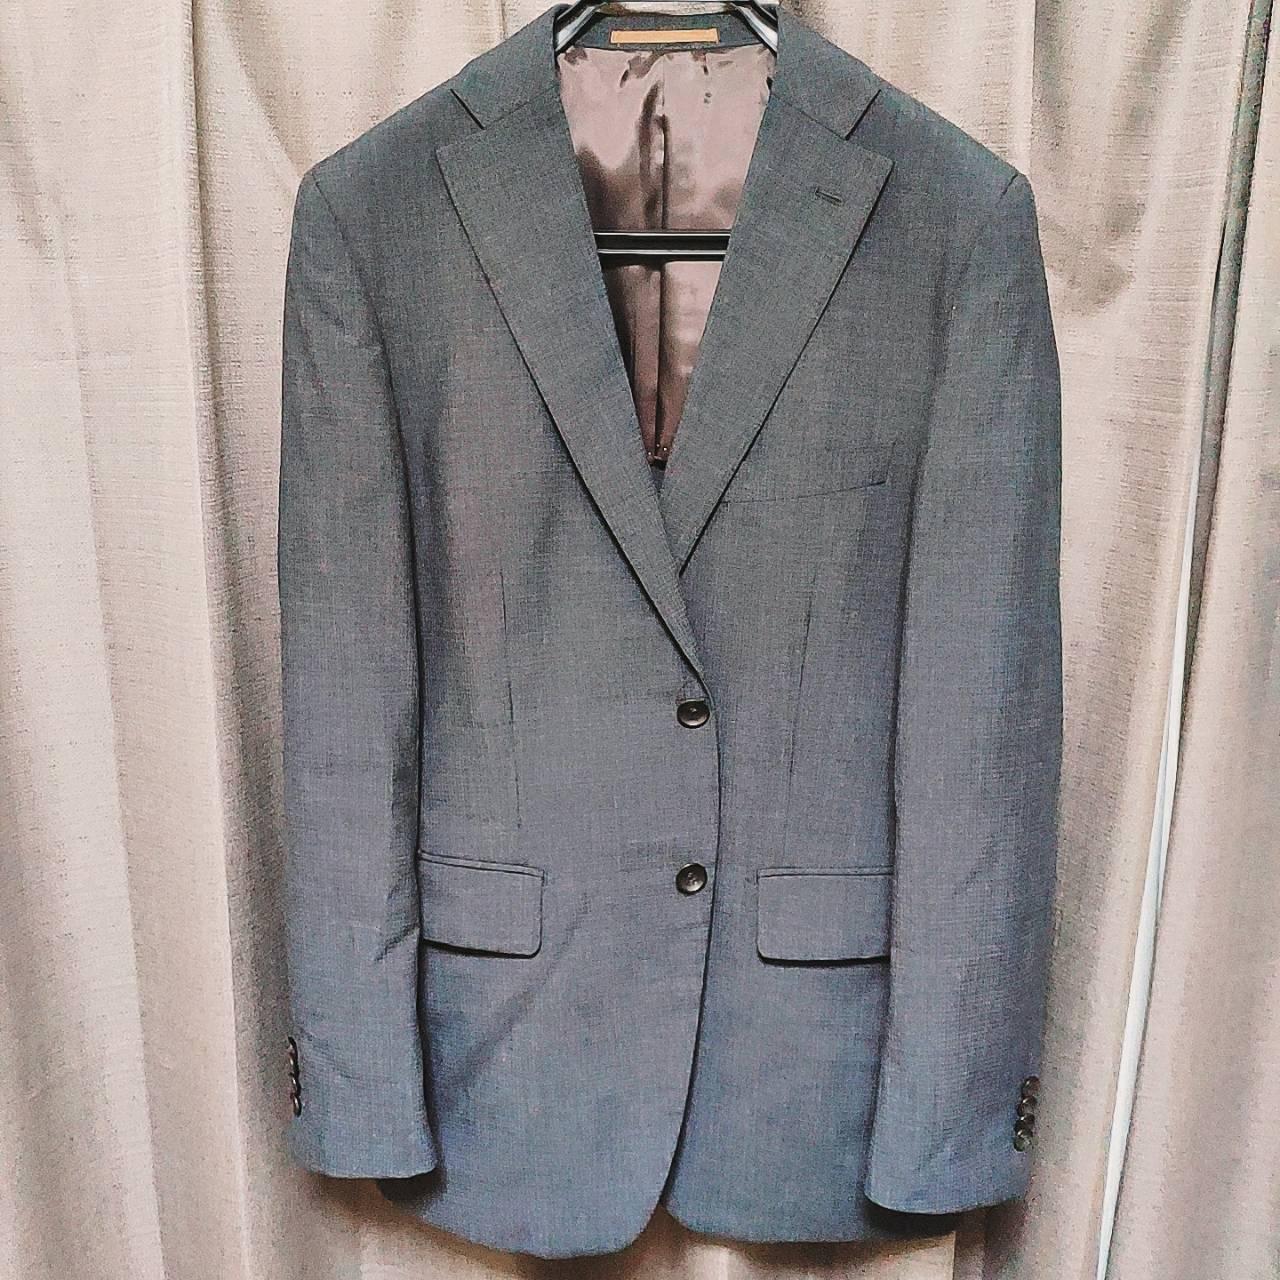 デザイン、コスパもよいスーツはPSFA!20代におすすめ!